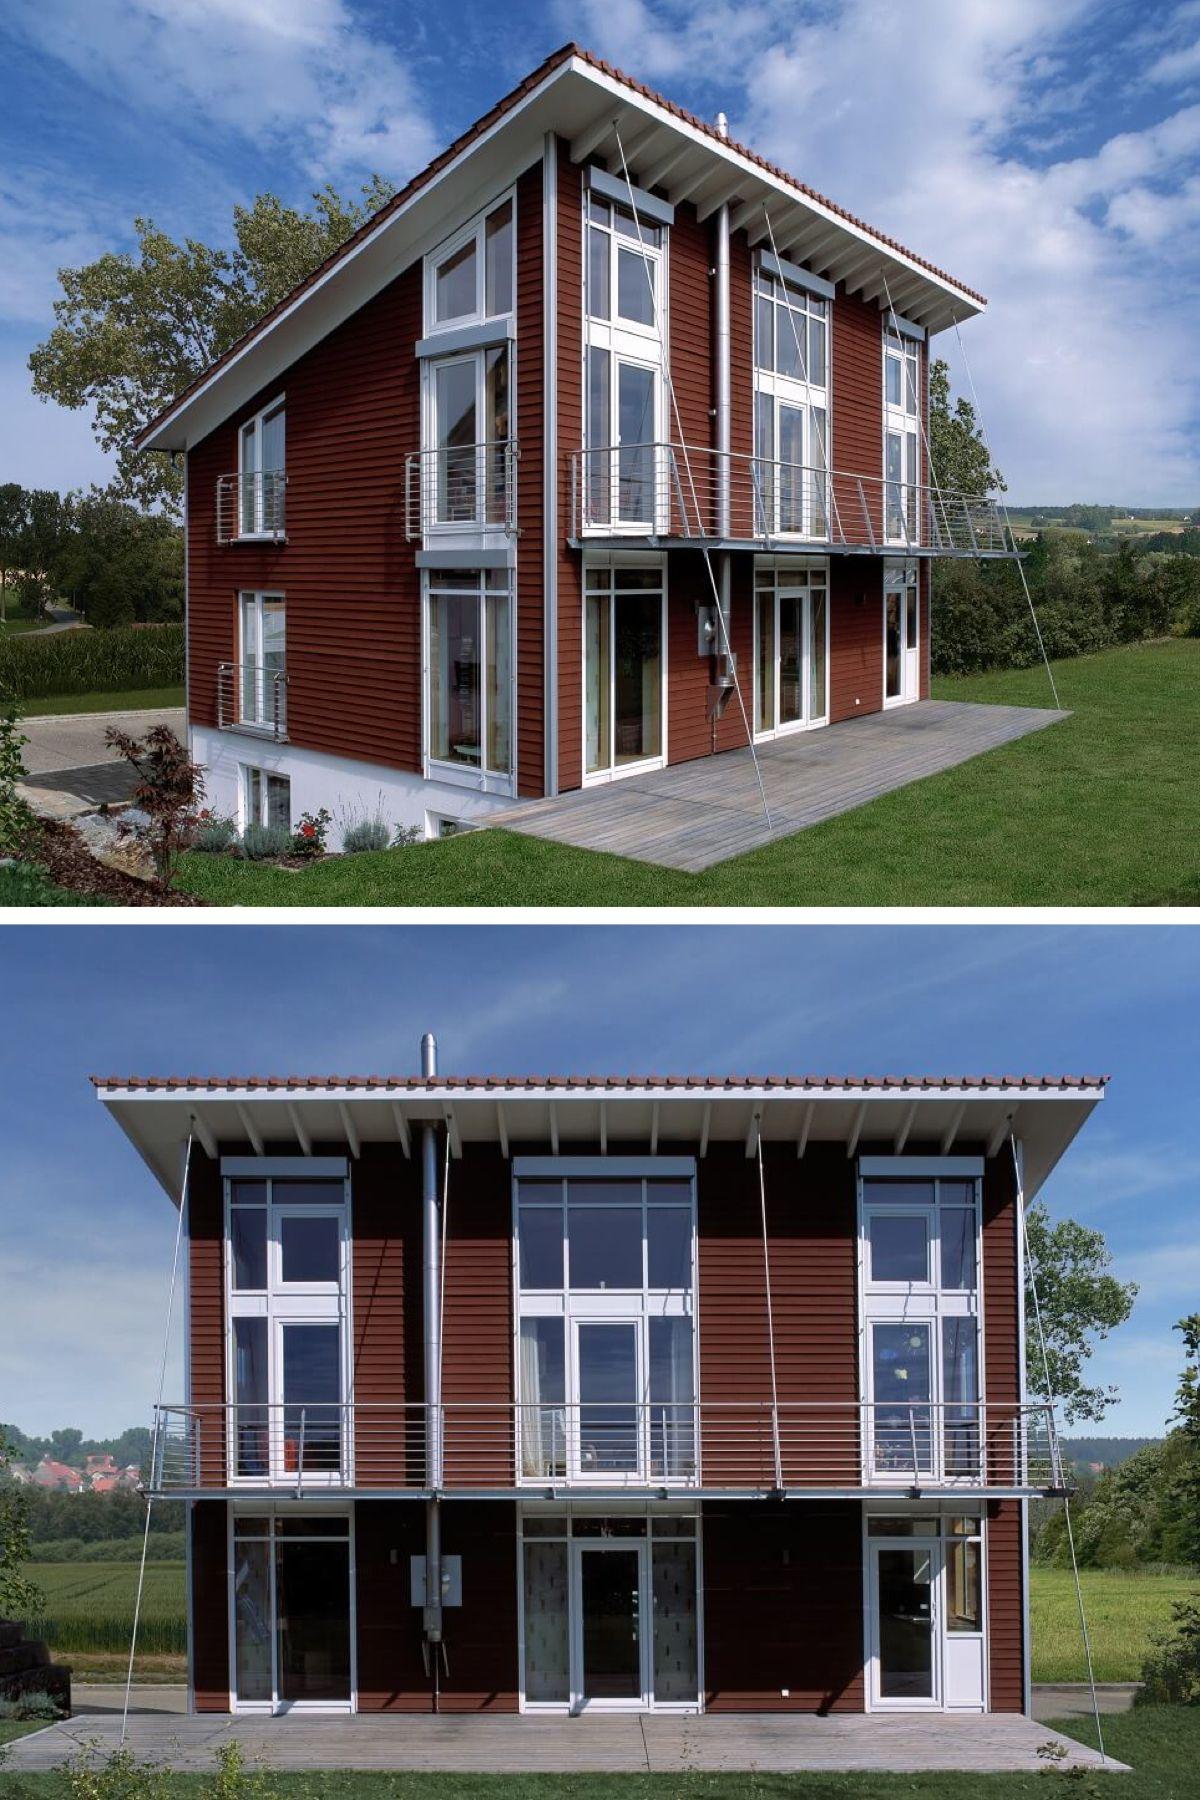 Moderne Holzhäuser Architektur modernes passivhaus mit pultdach haus krämer baufritz